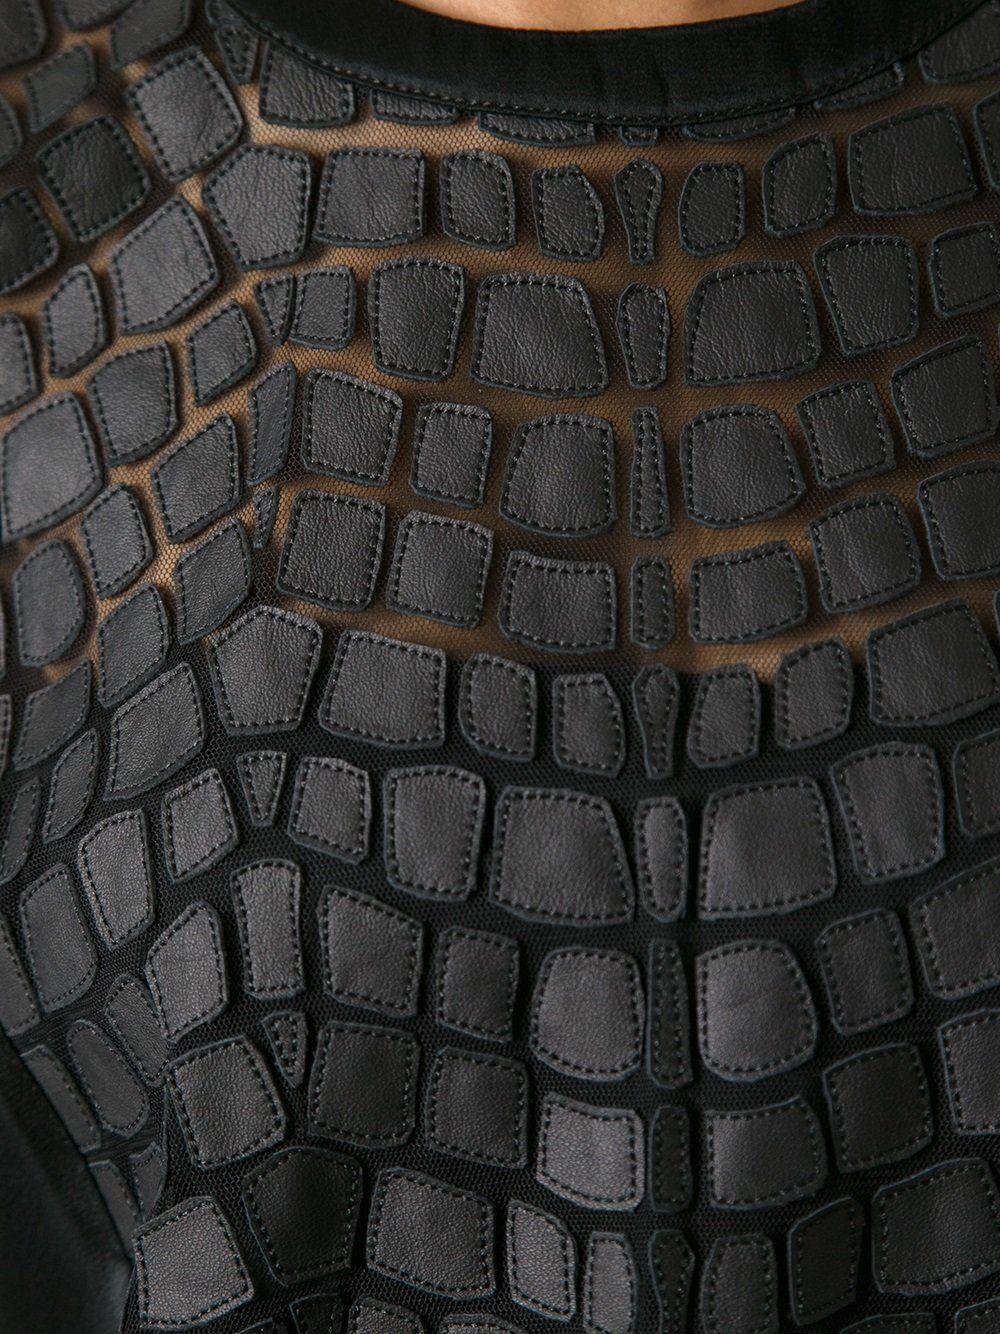 Комбинирование тканей в одежде, идеи и правила